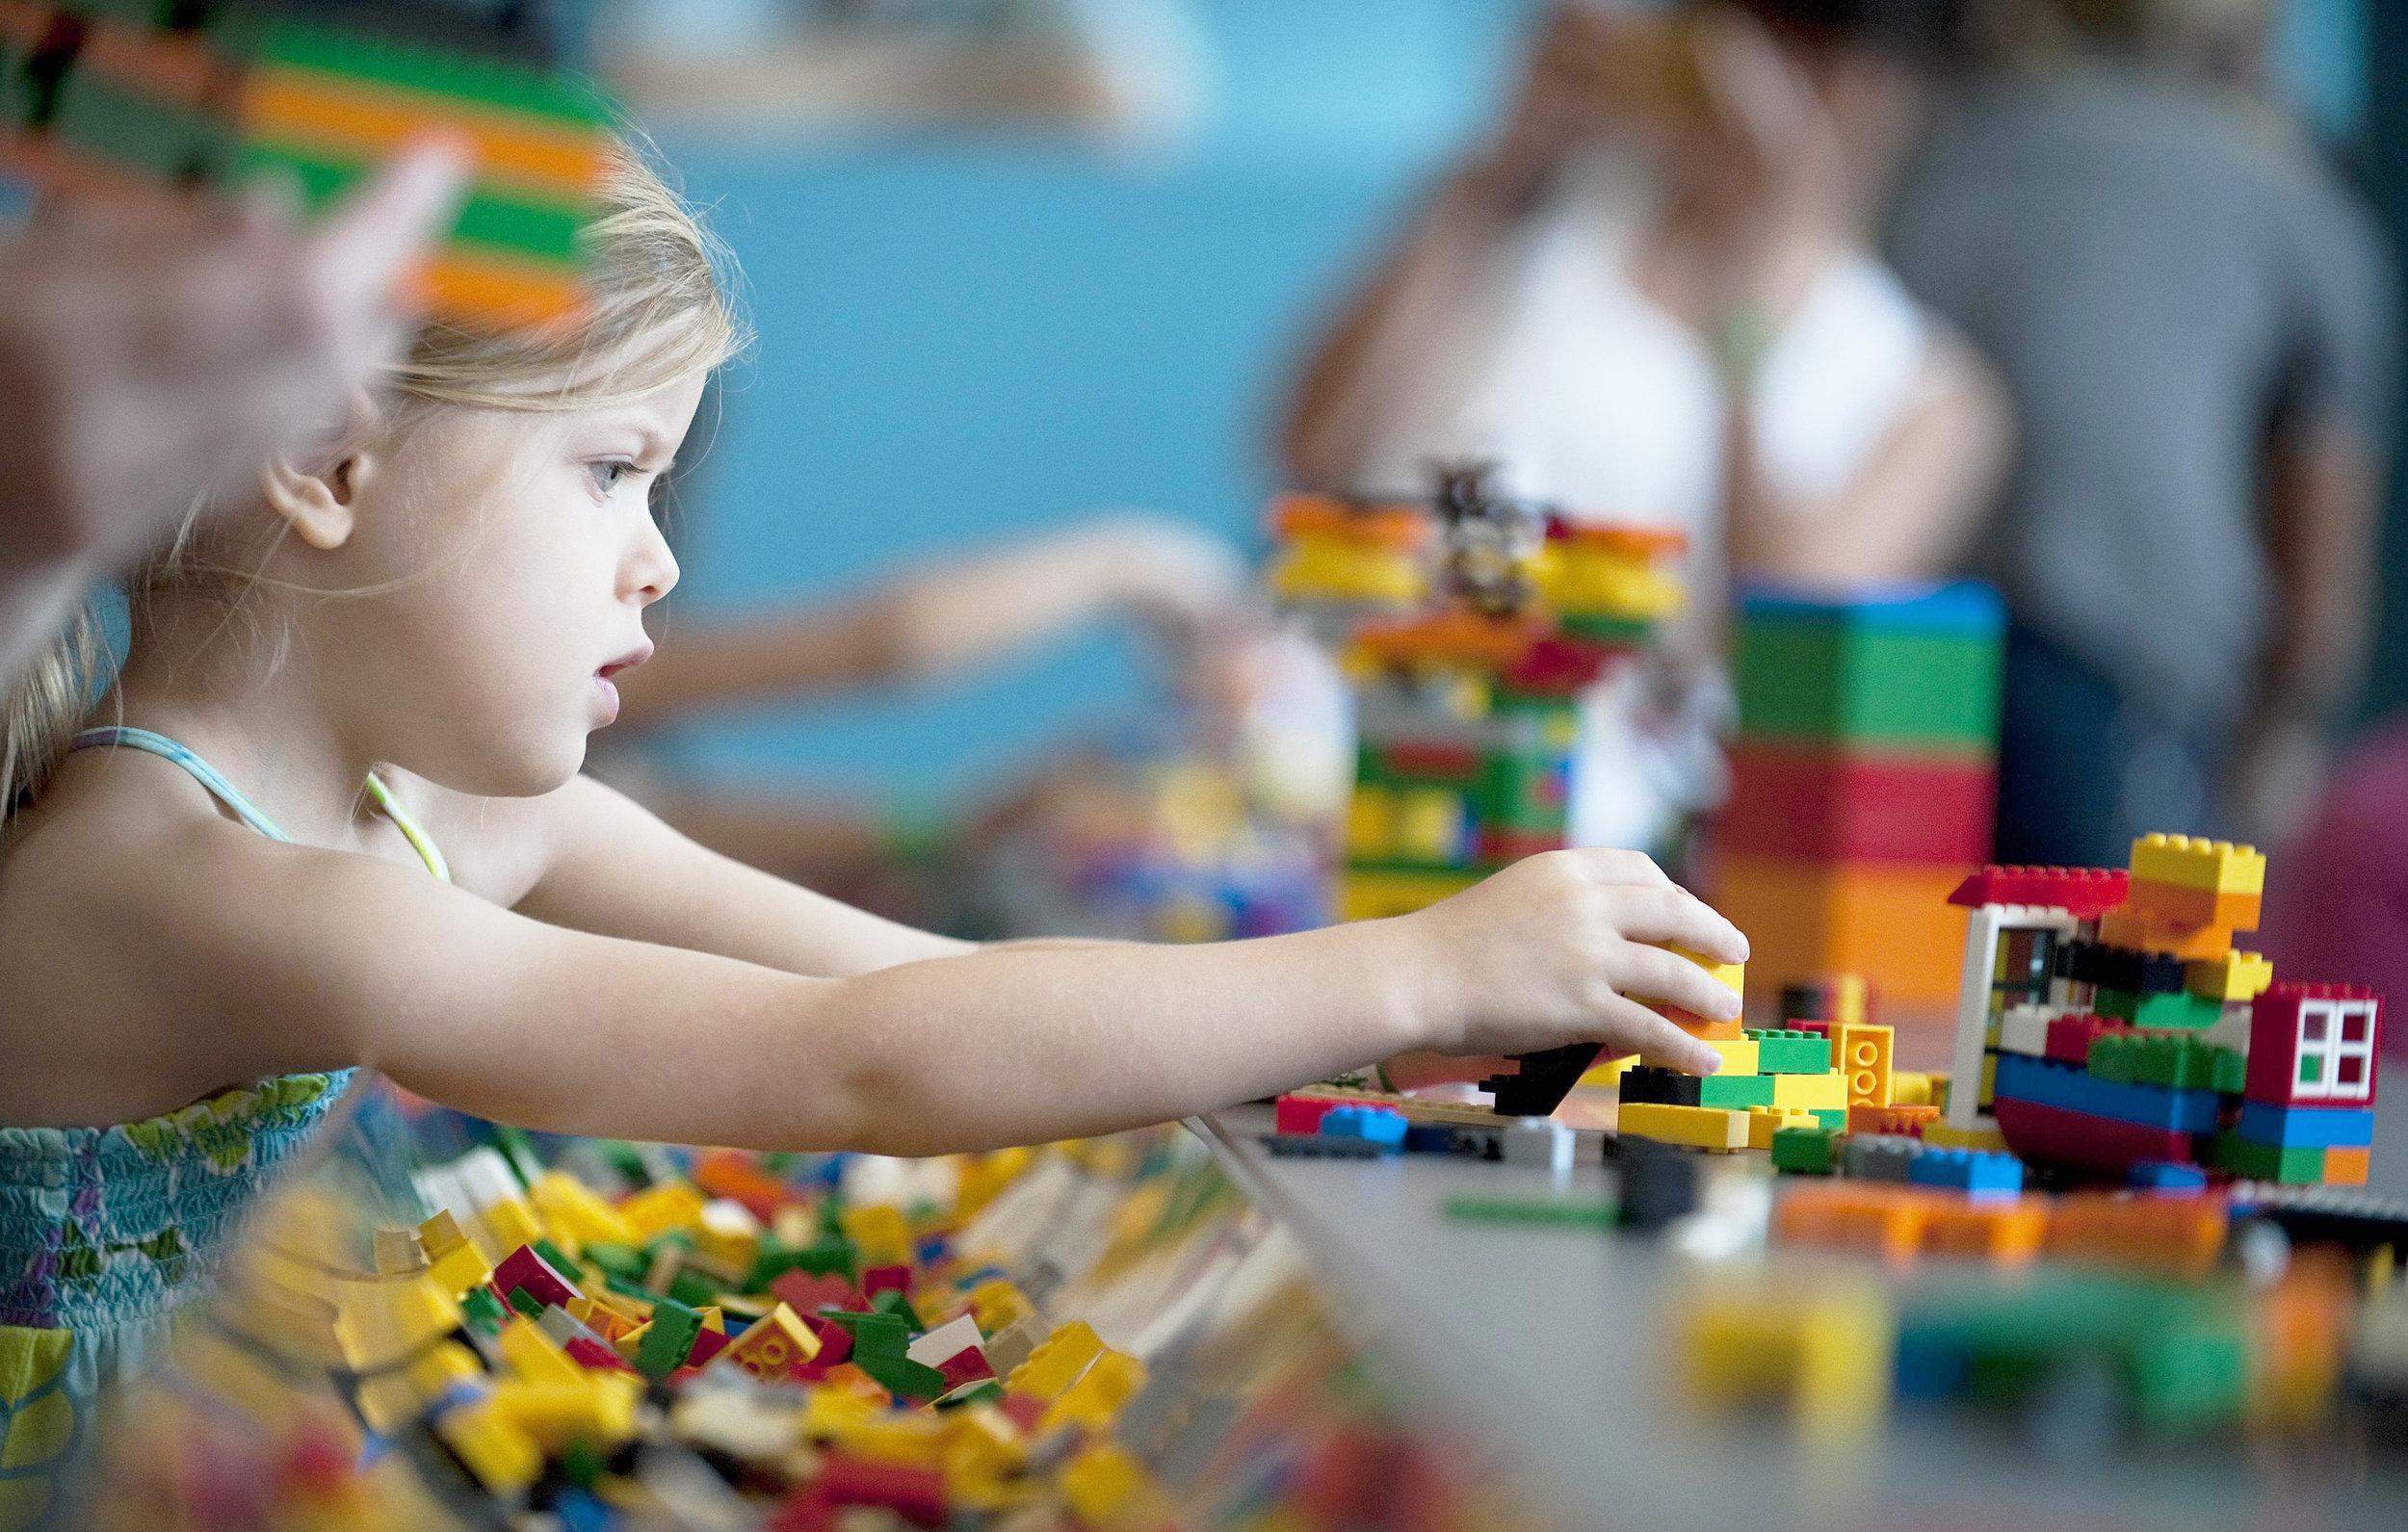 JEUX DE CONSTRUCTION - CONSTRUCTION AND BUILDING GAMES